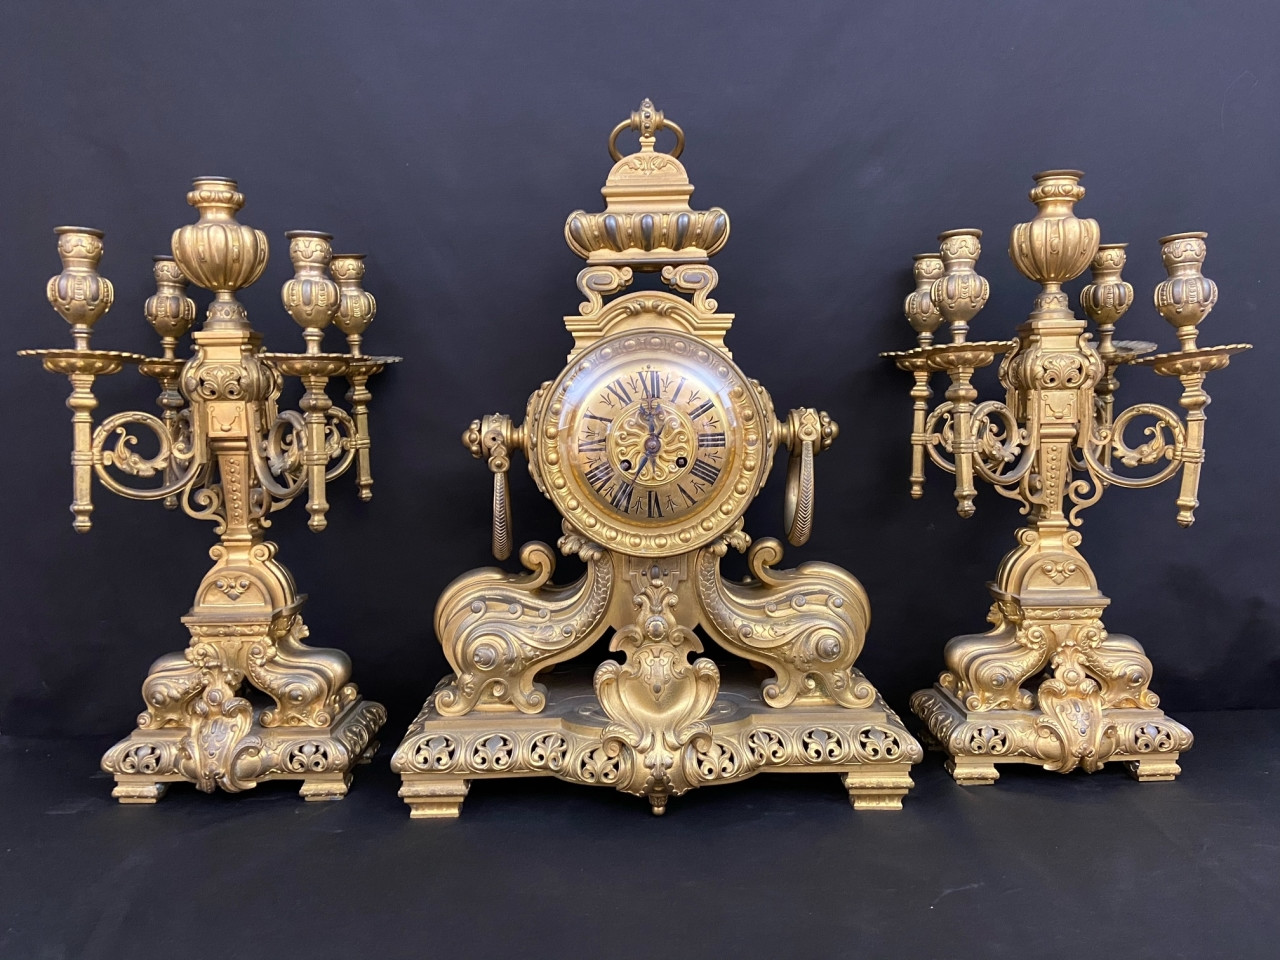 Orologio e candelieri in bronzo dorato del 800 - Antichità Ioviero